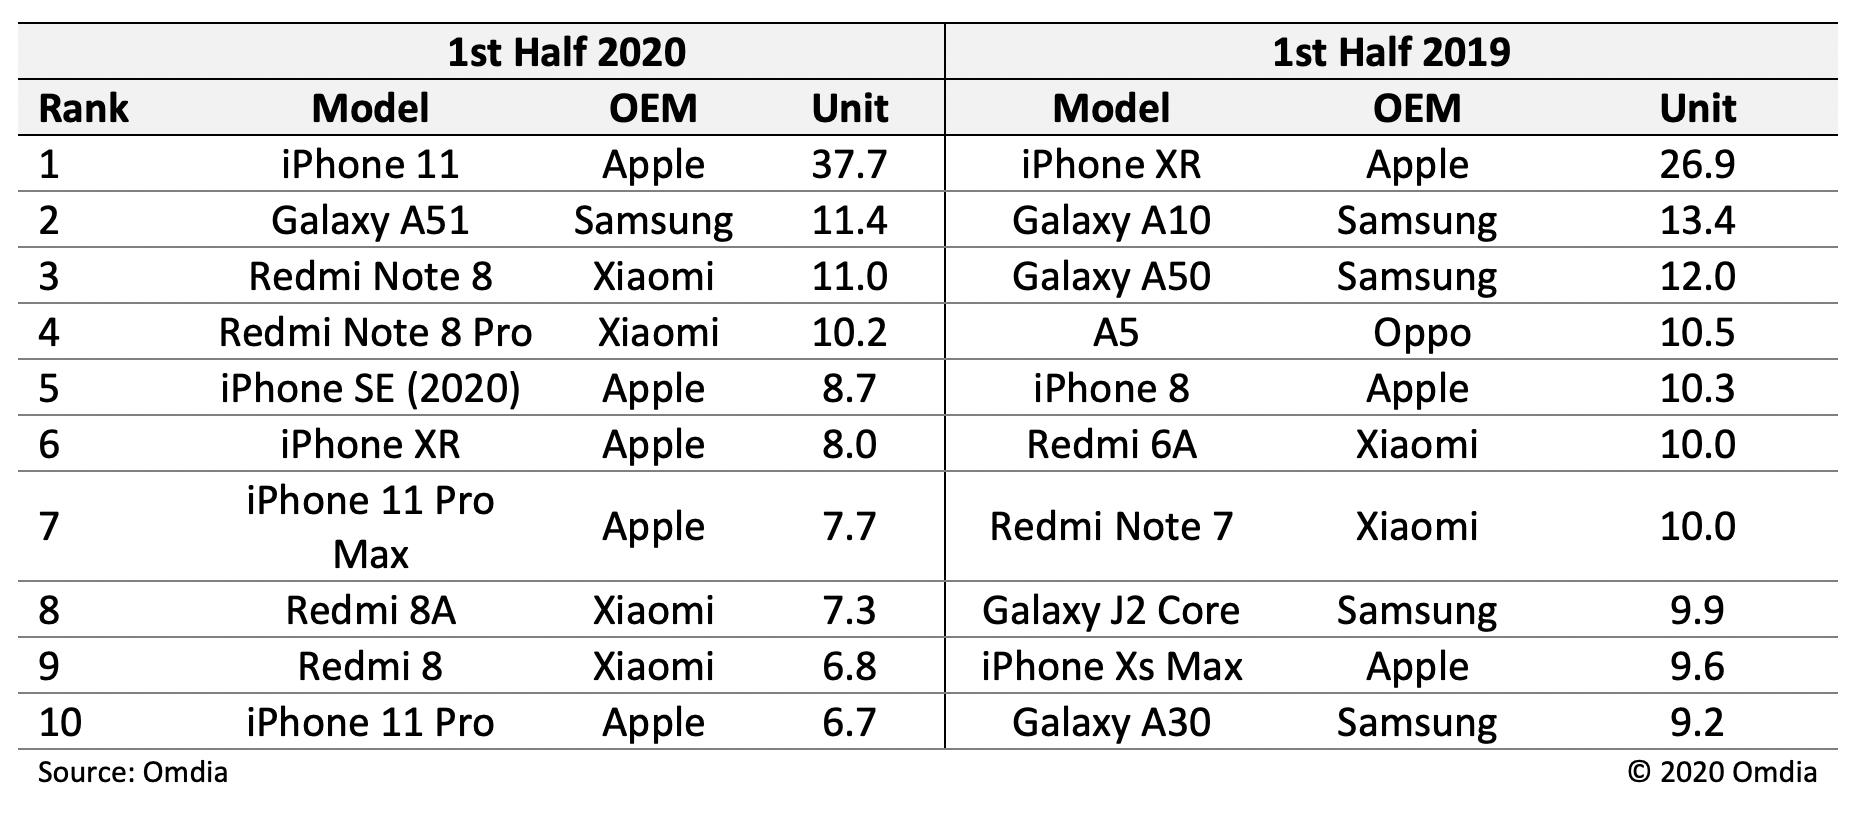 first half 2020 smartphones top 10 sales